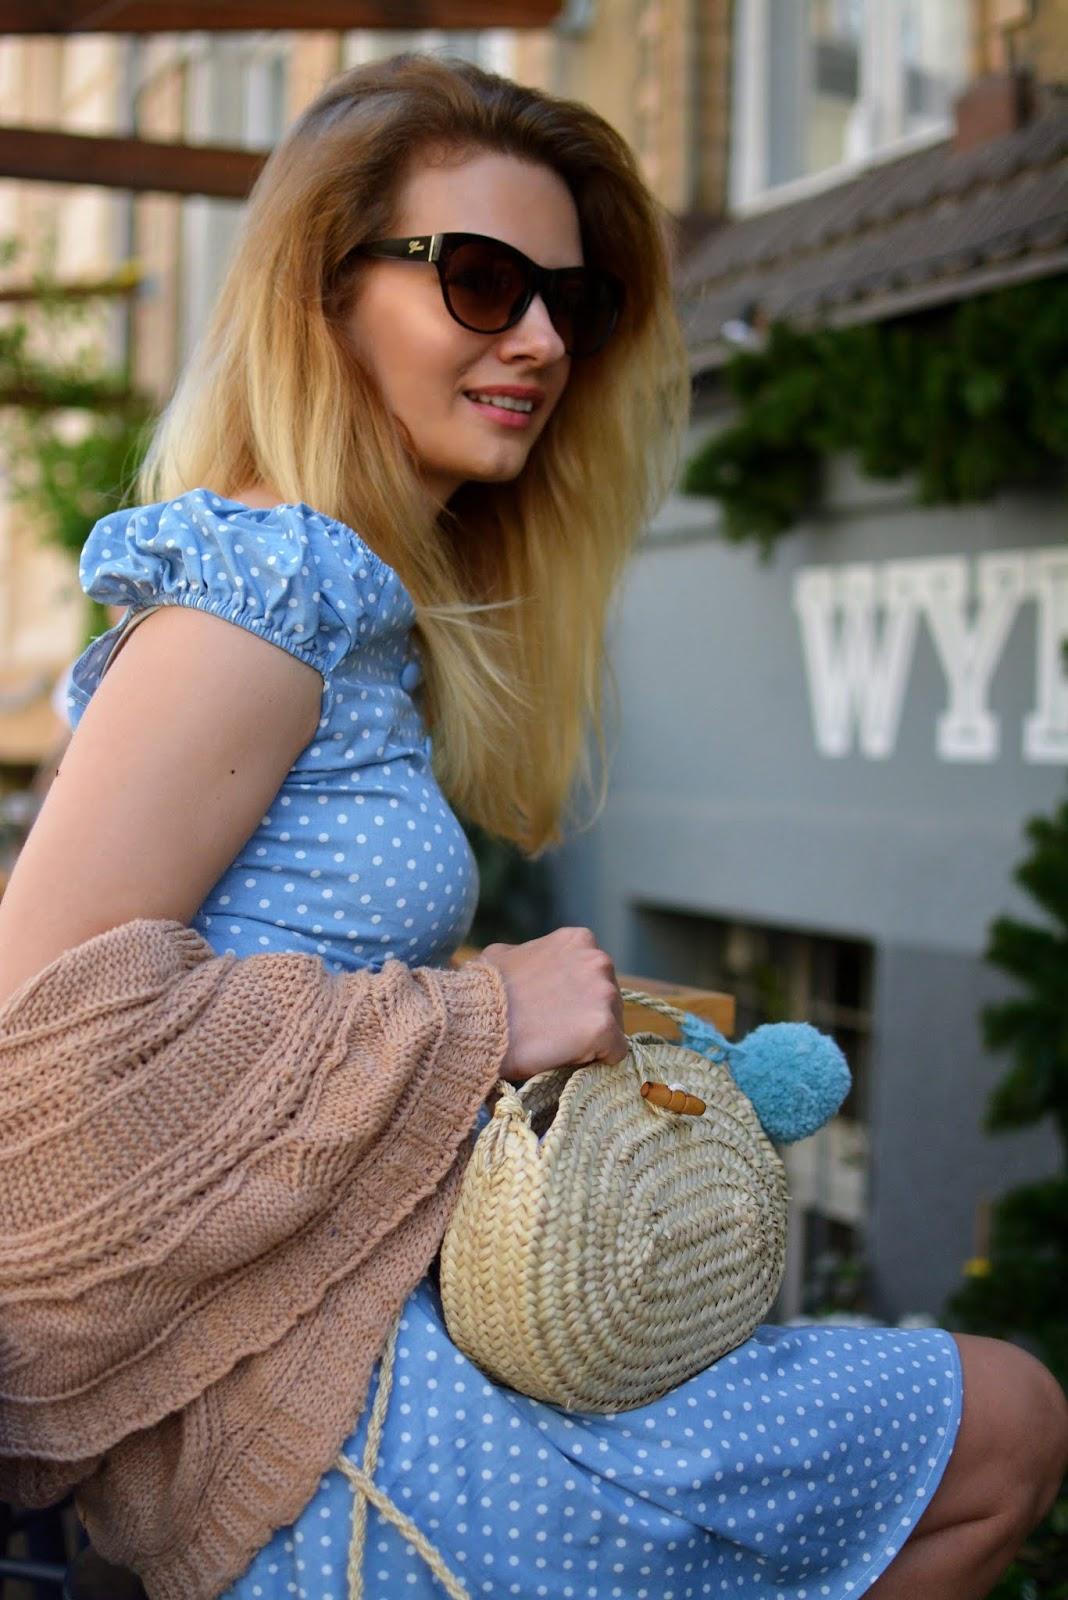 kamila libelula, kamila fleszar, sukienka w groszki, kardigan, poznan, stylizacja, bloger, jesien, blog, libelula, koszyk, torebka pleciona